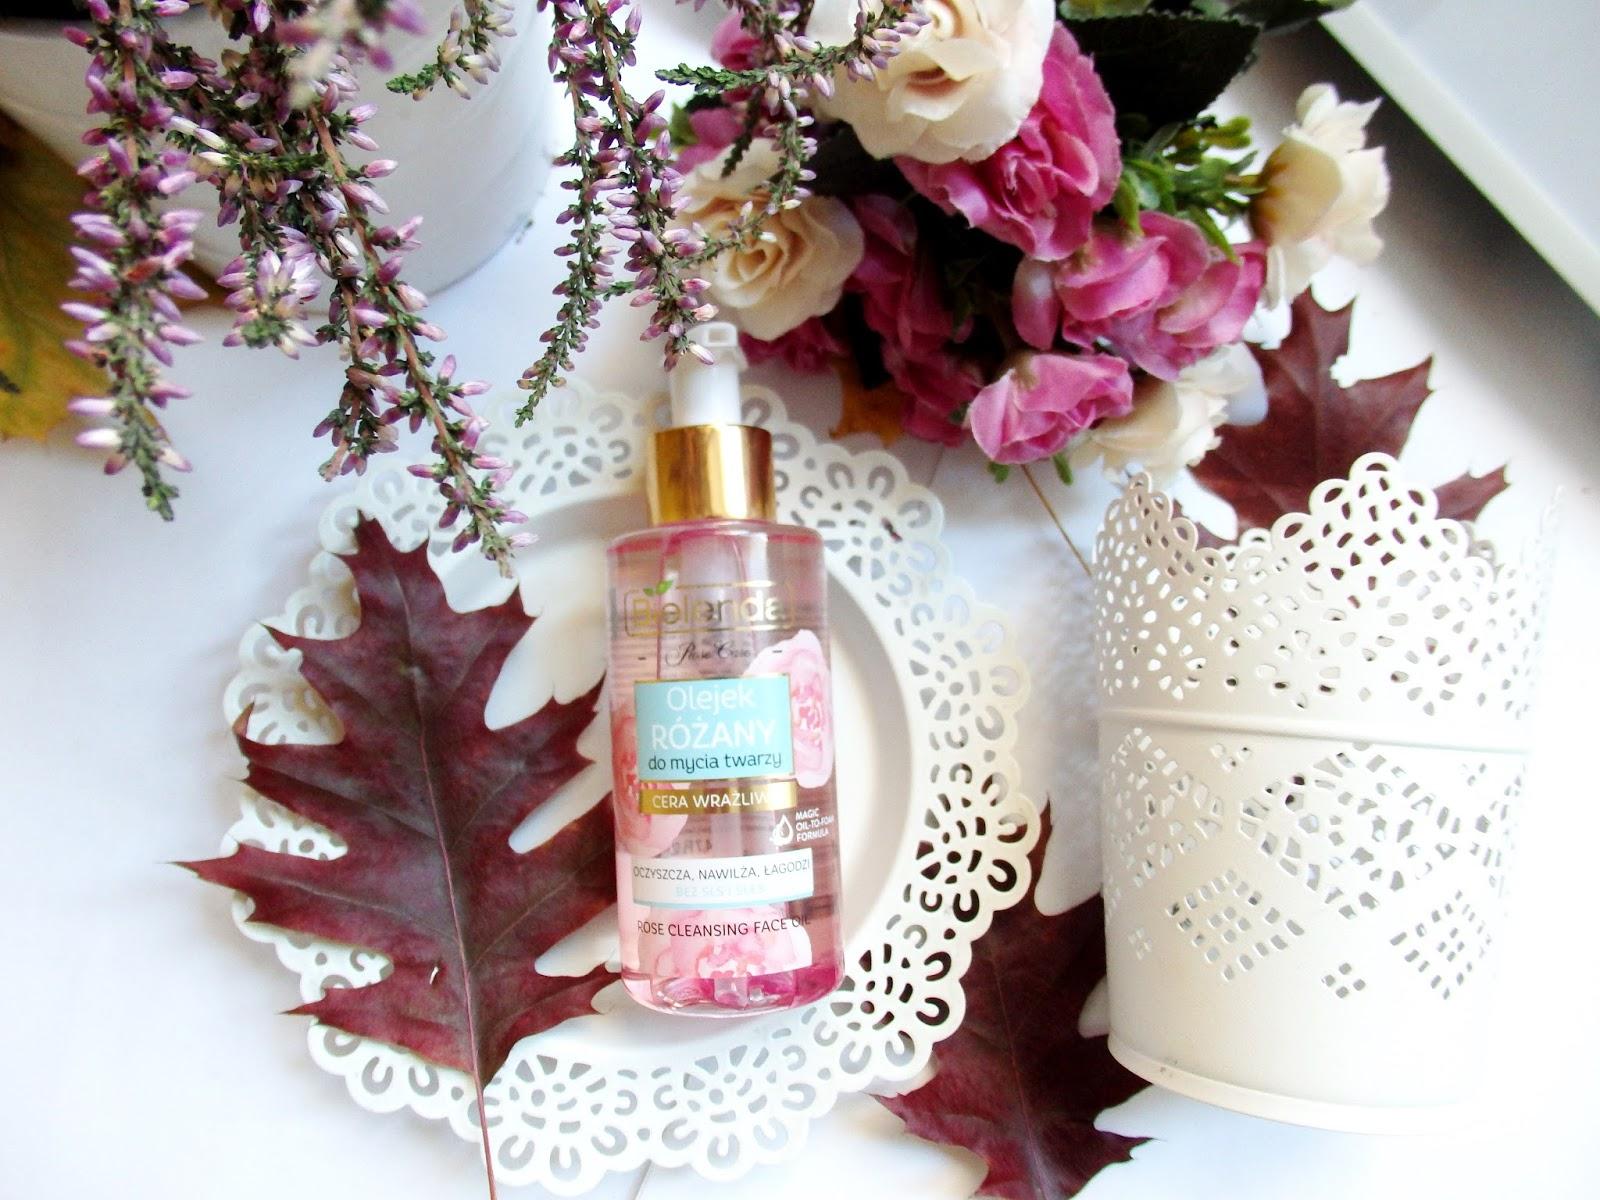 różany olejek myjący Bielenda